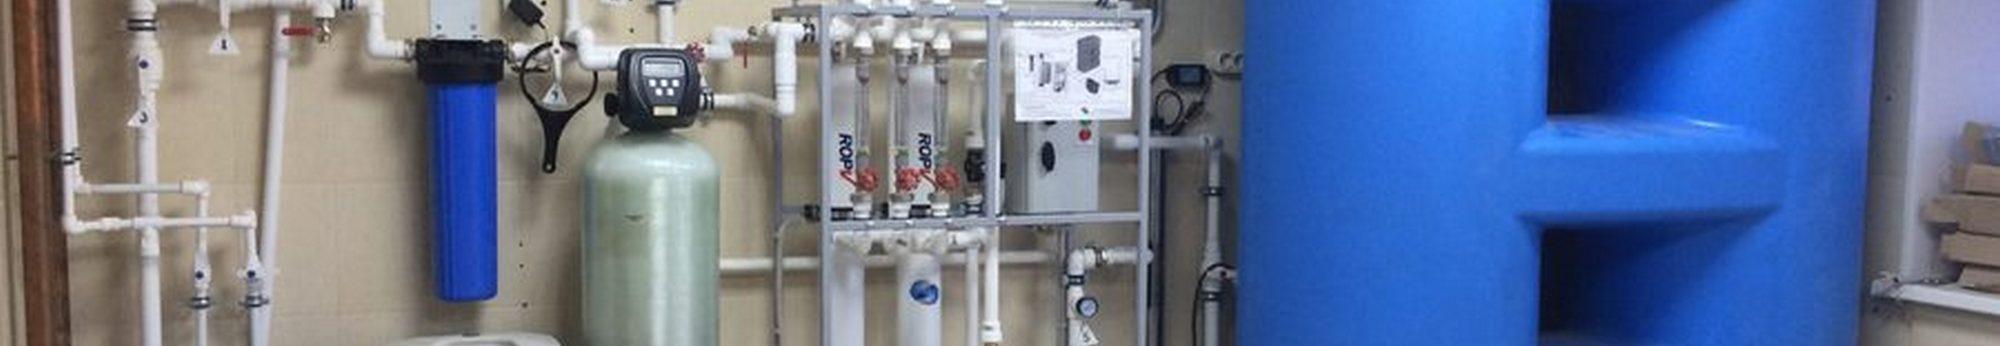 Очистка фильтр для воды питьевая вода смета почему вода жесткая что делать обратный осмос